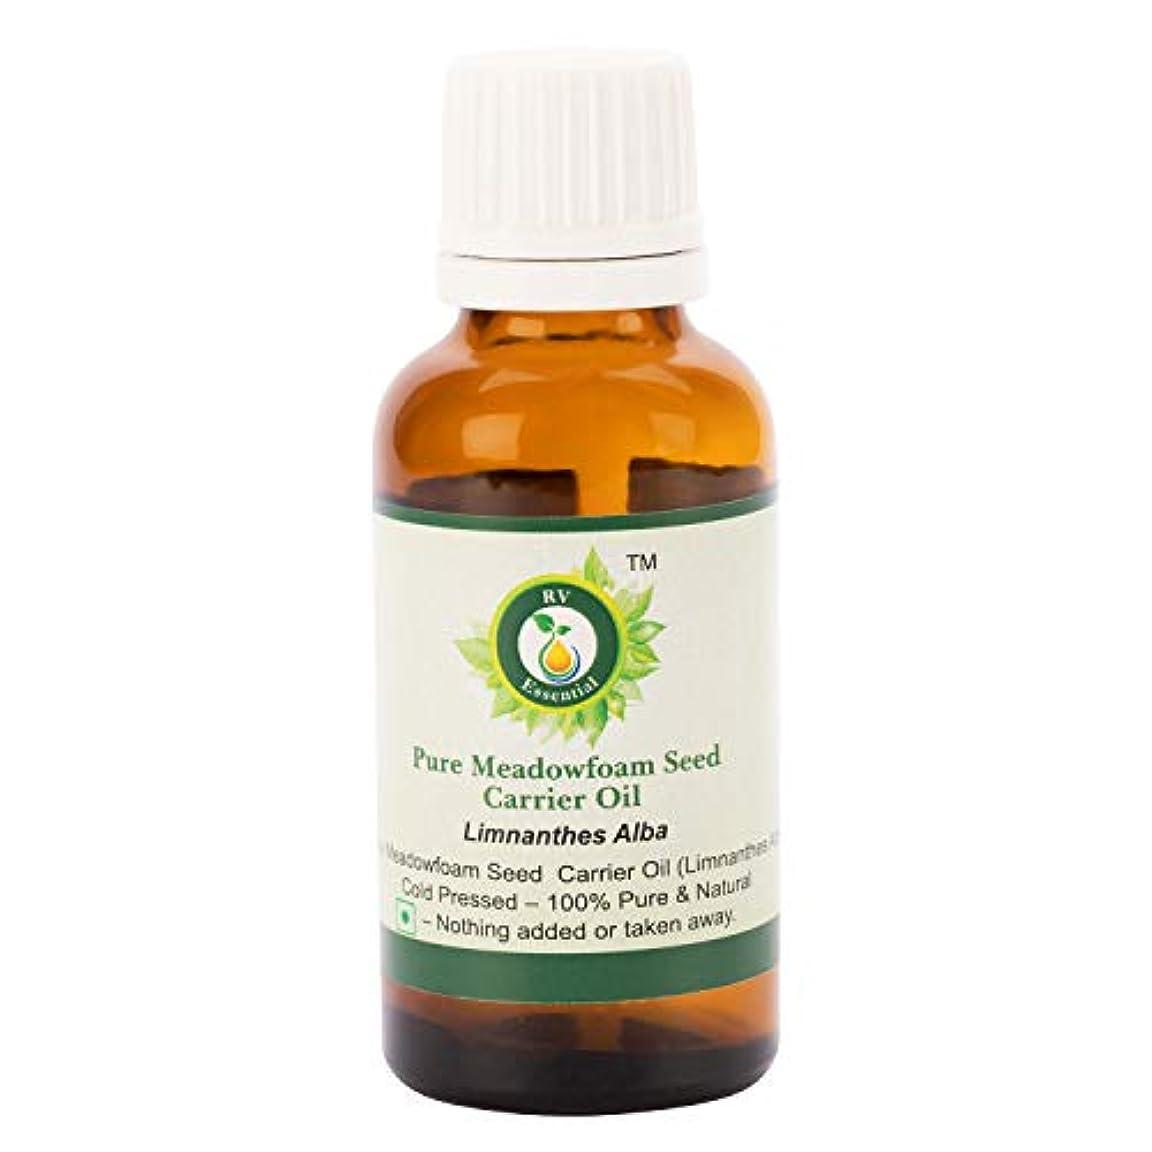 広がり移植ヒープピュアMeadowfoamキャリアオイル5ml (0.169oz)- Limnanthes Alba (100%ピュア&ナチュラルコールドPressed) Pure Meadowfoam Carrier Oil